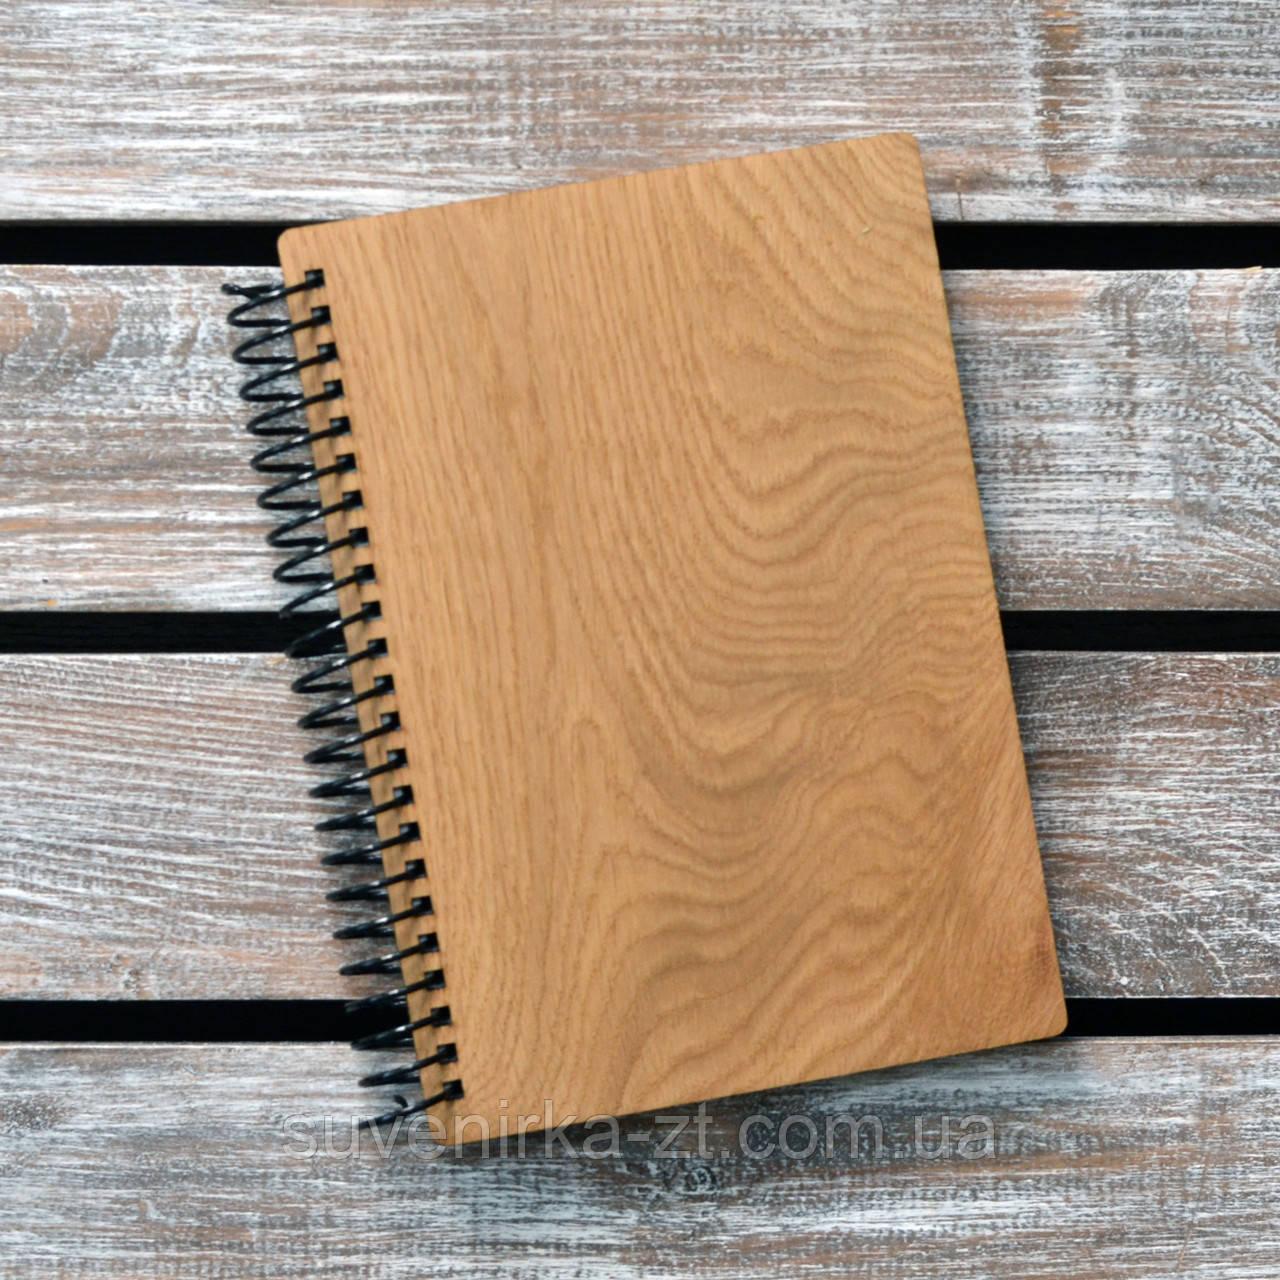 Блокнот с деревянной обложкой. Формат А5. Сменный блок. (А00410)